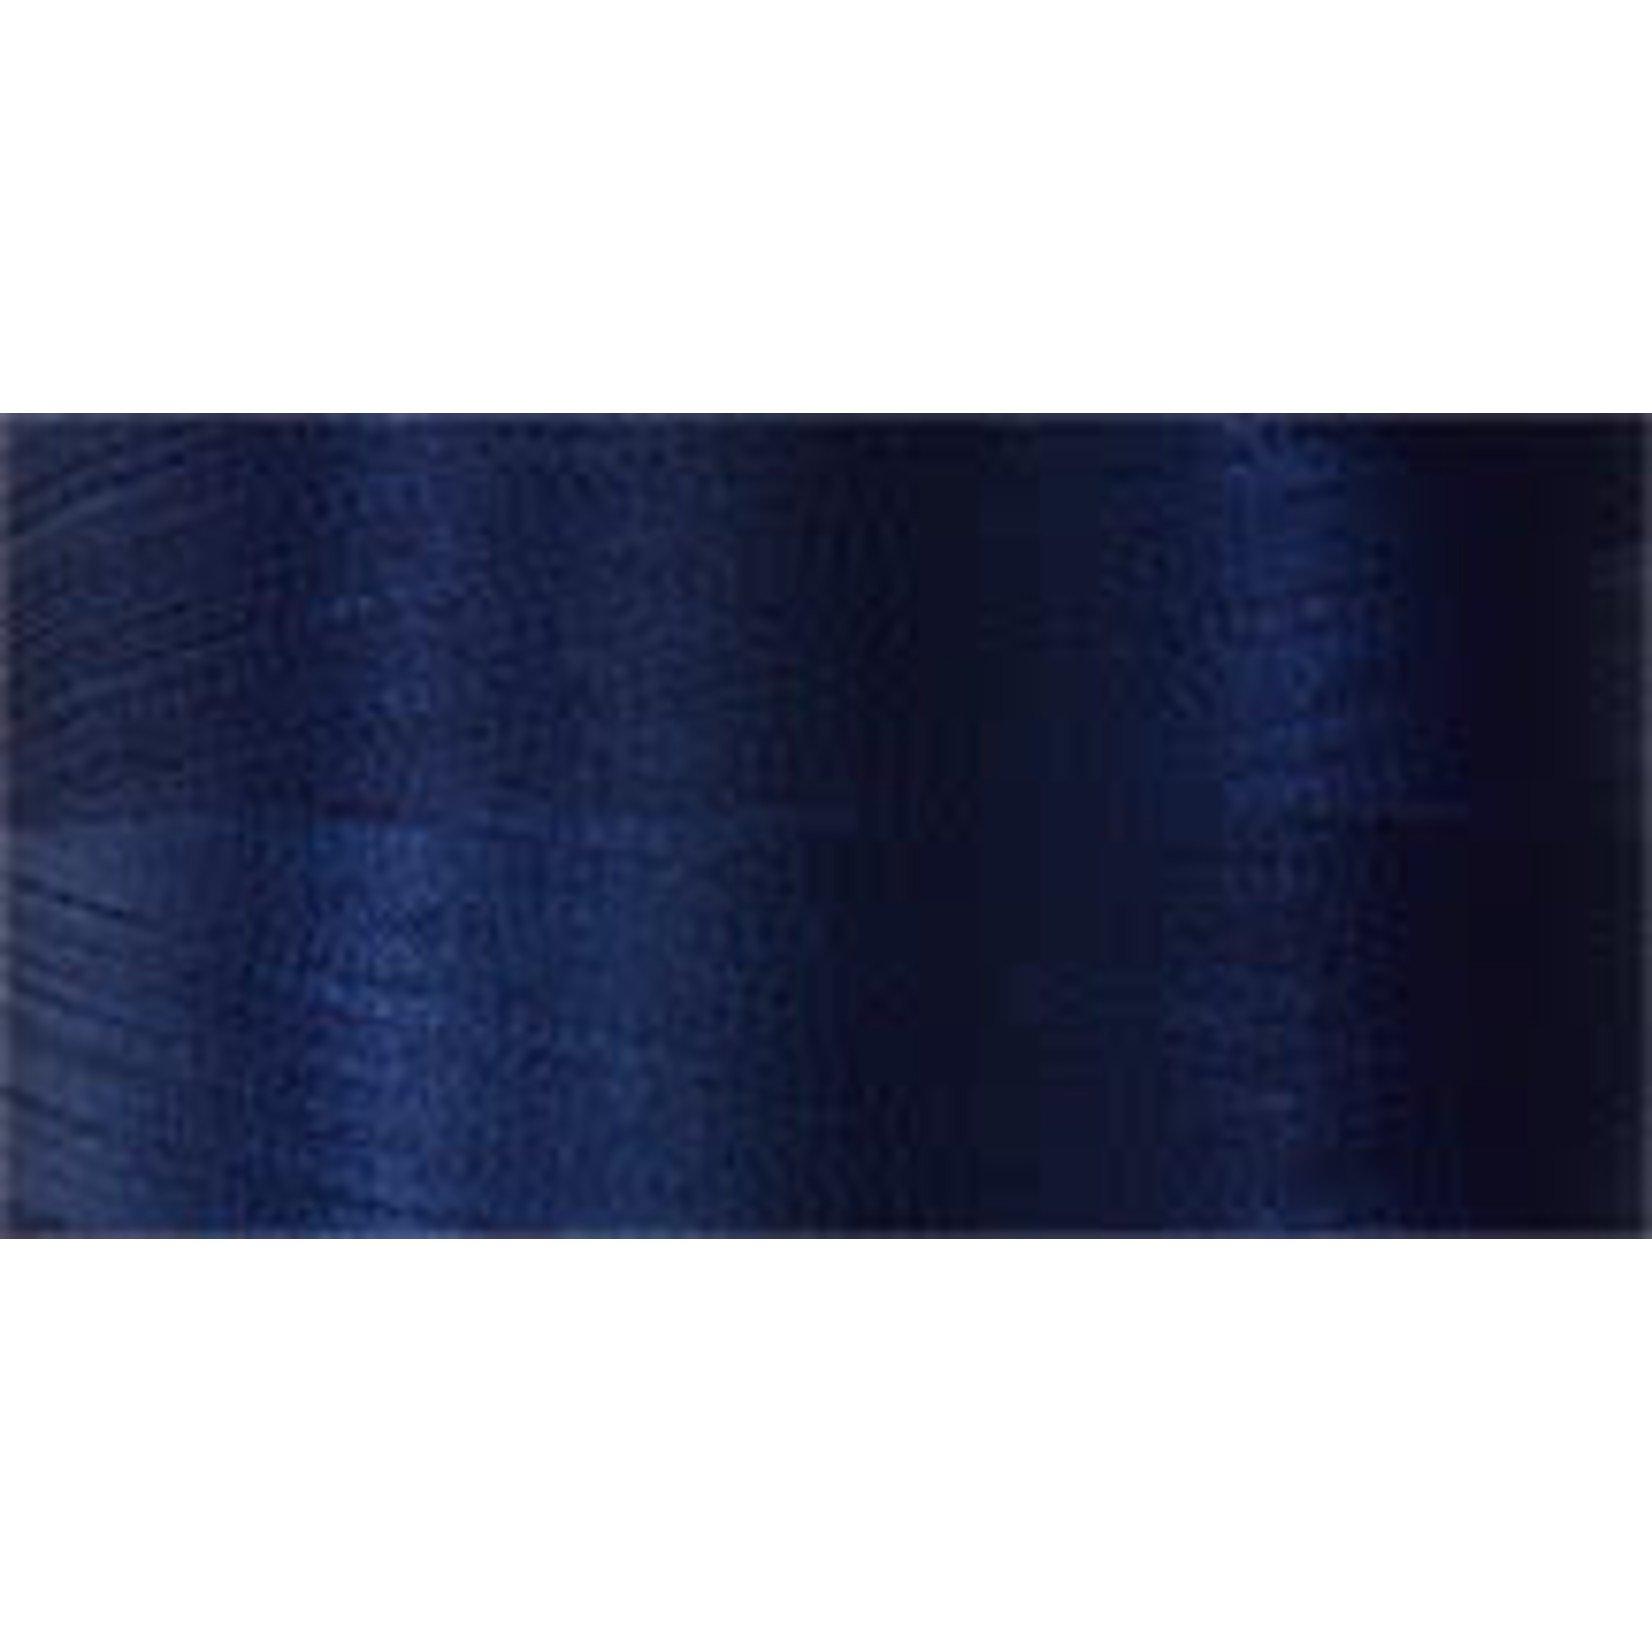 Superior Threads Bottom Line - #60 - 1300 m - 609 Dark Blue